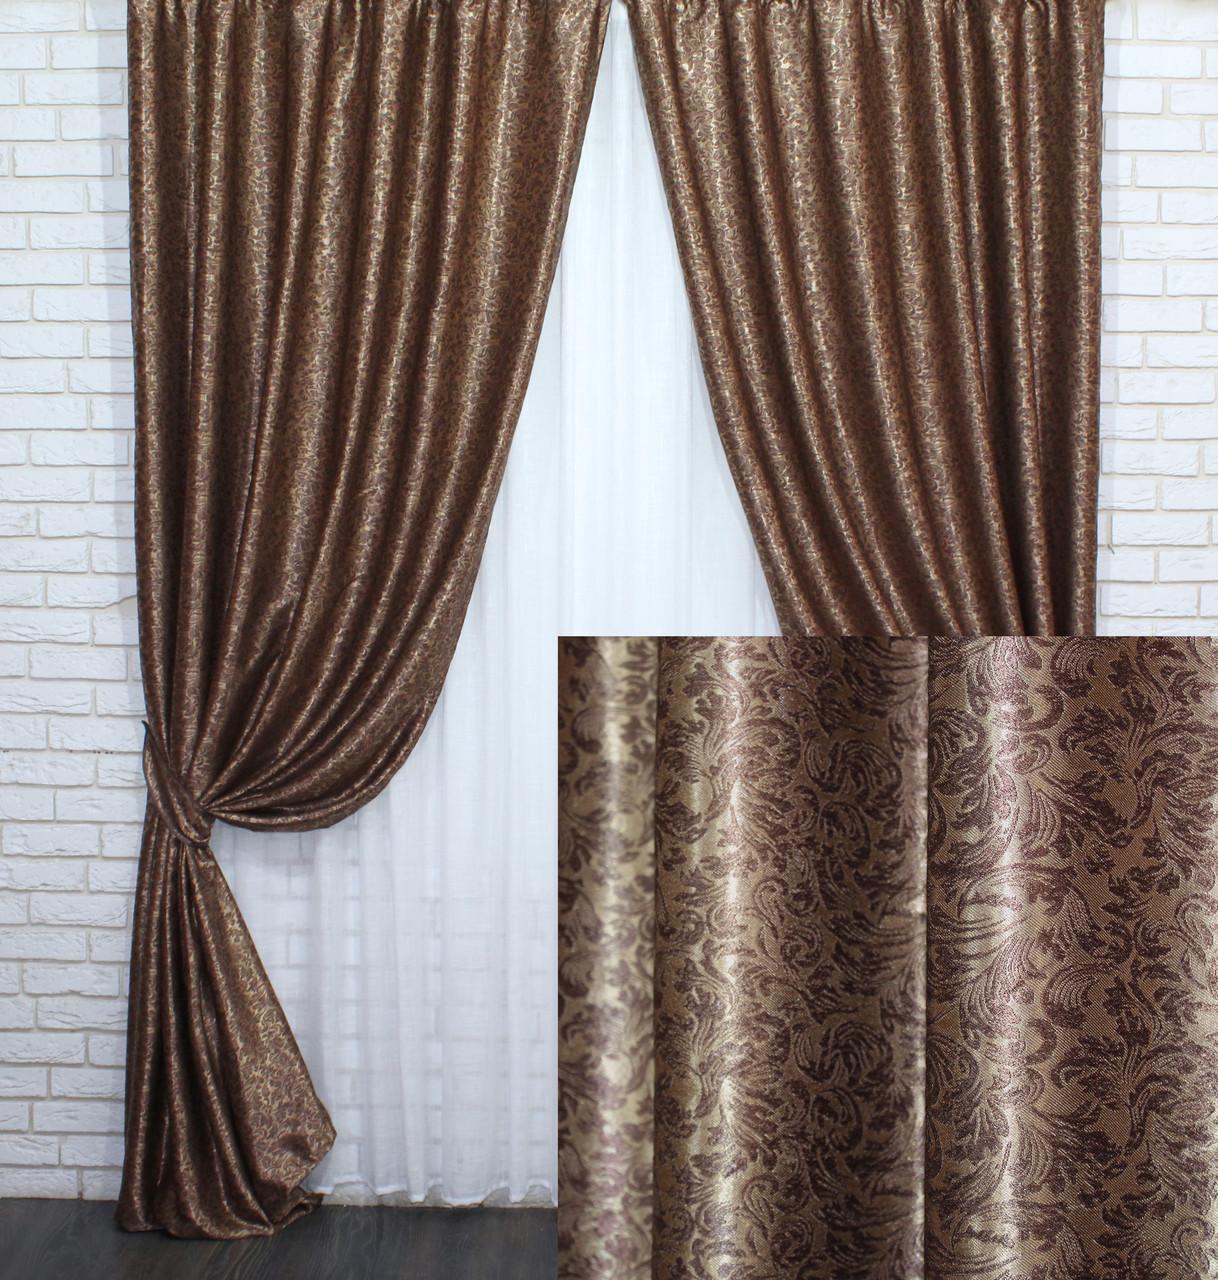 Шторы (2шт. 1.5х2.8м.) из ткани блэкаут-софт. Цвет коричневый. Код 709ш 30-492